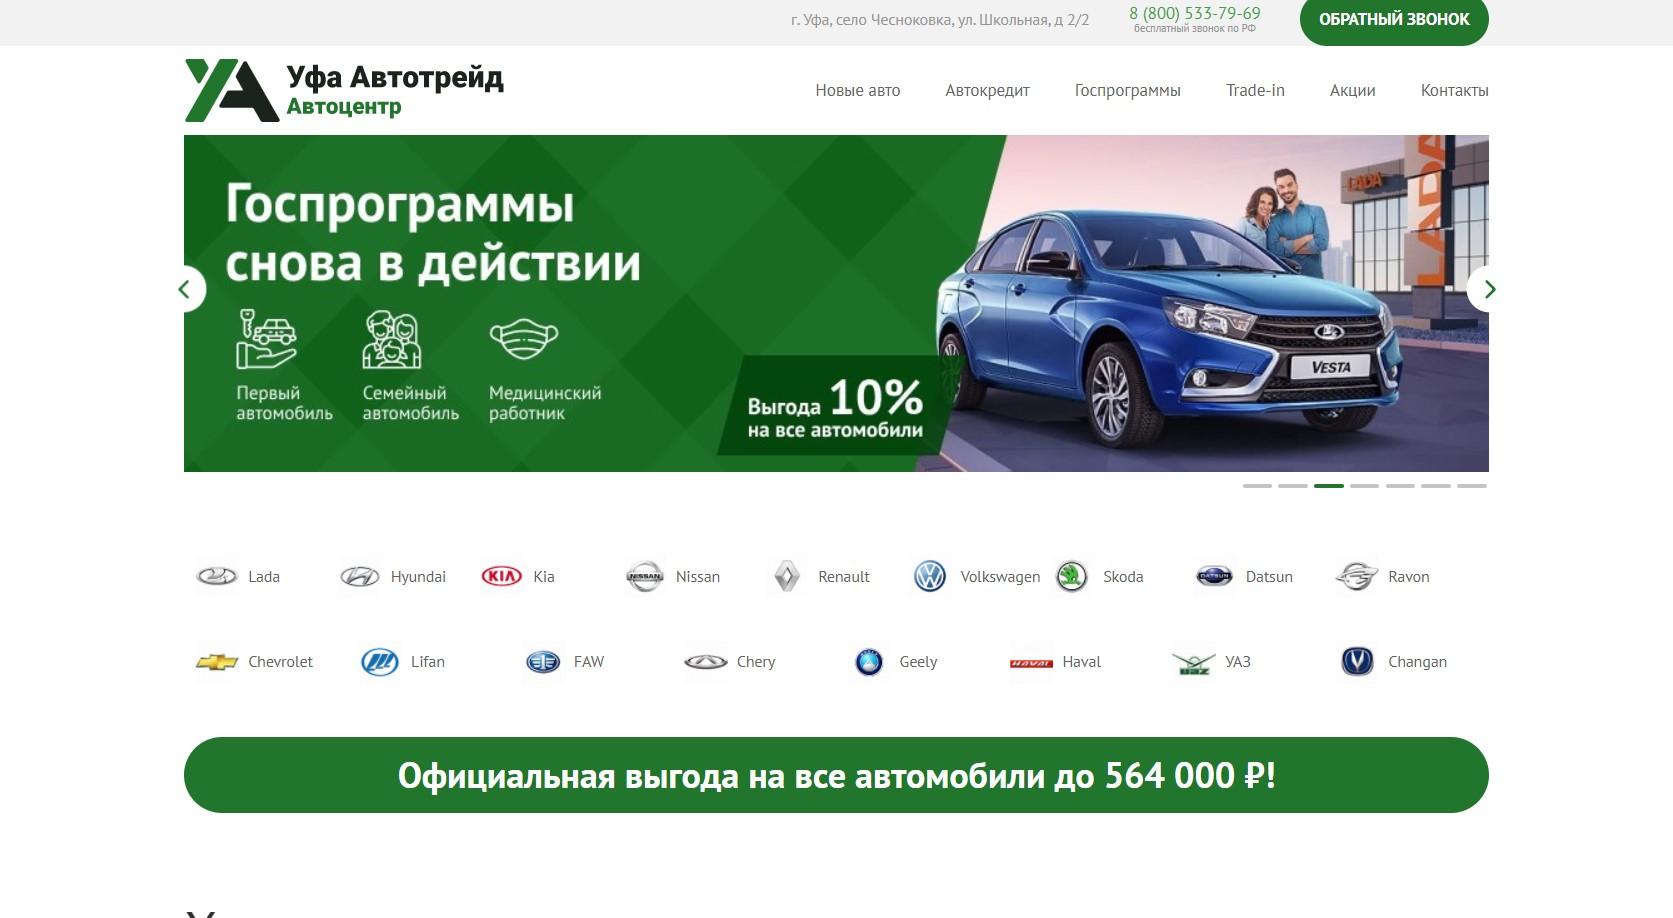 Автосалон Уфа Автотрейд (Уфа)